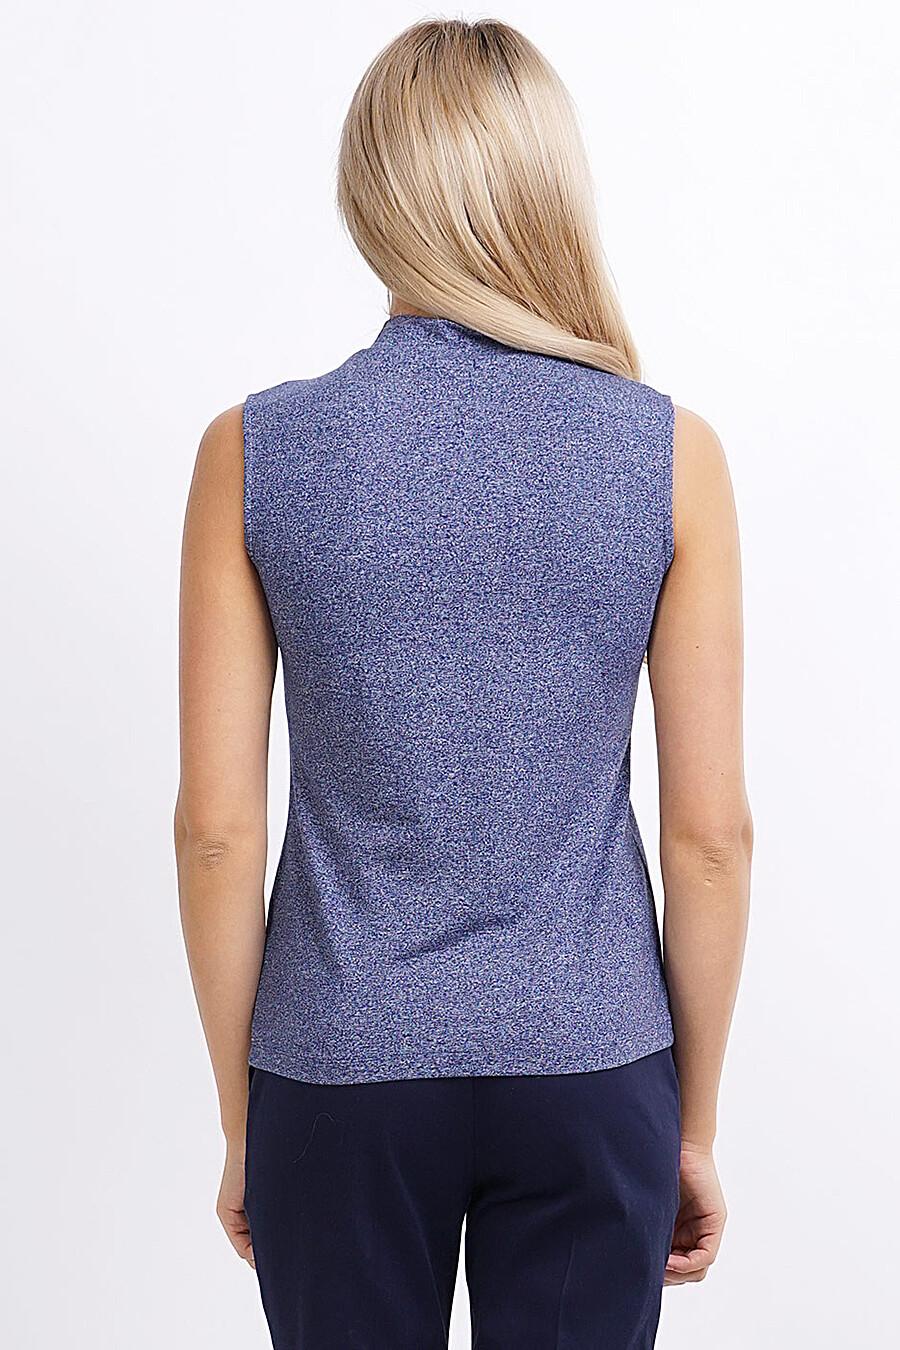 Топ для женщин CLEVER 155181 купить оптом от производителя. Совместная покупка женской одежды в OptMoyo